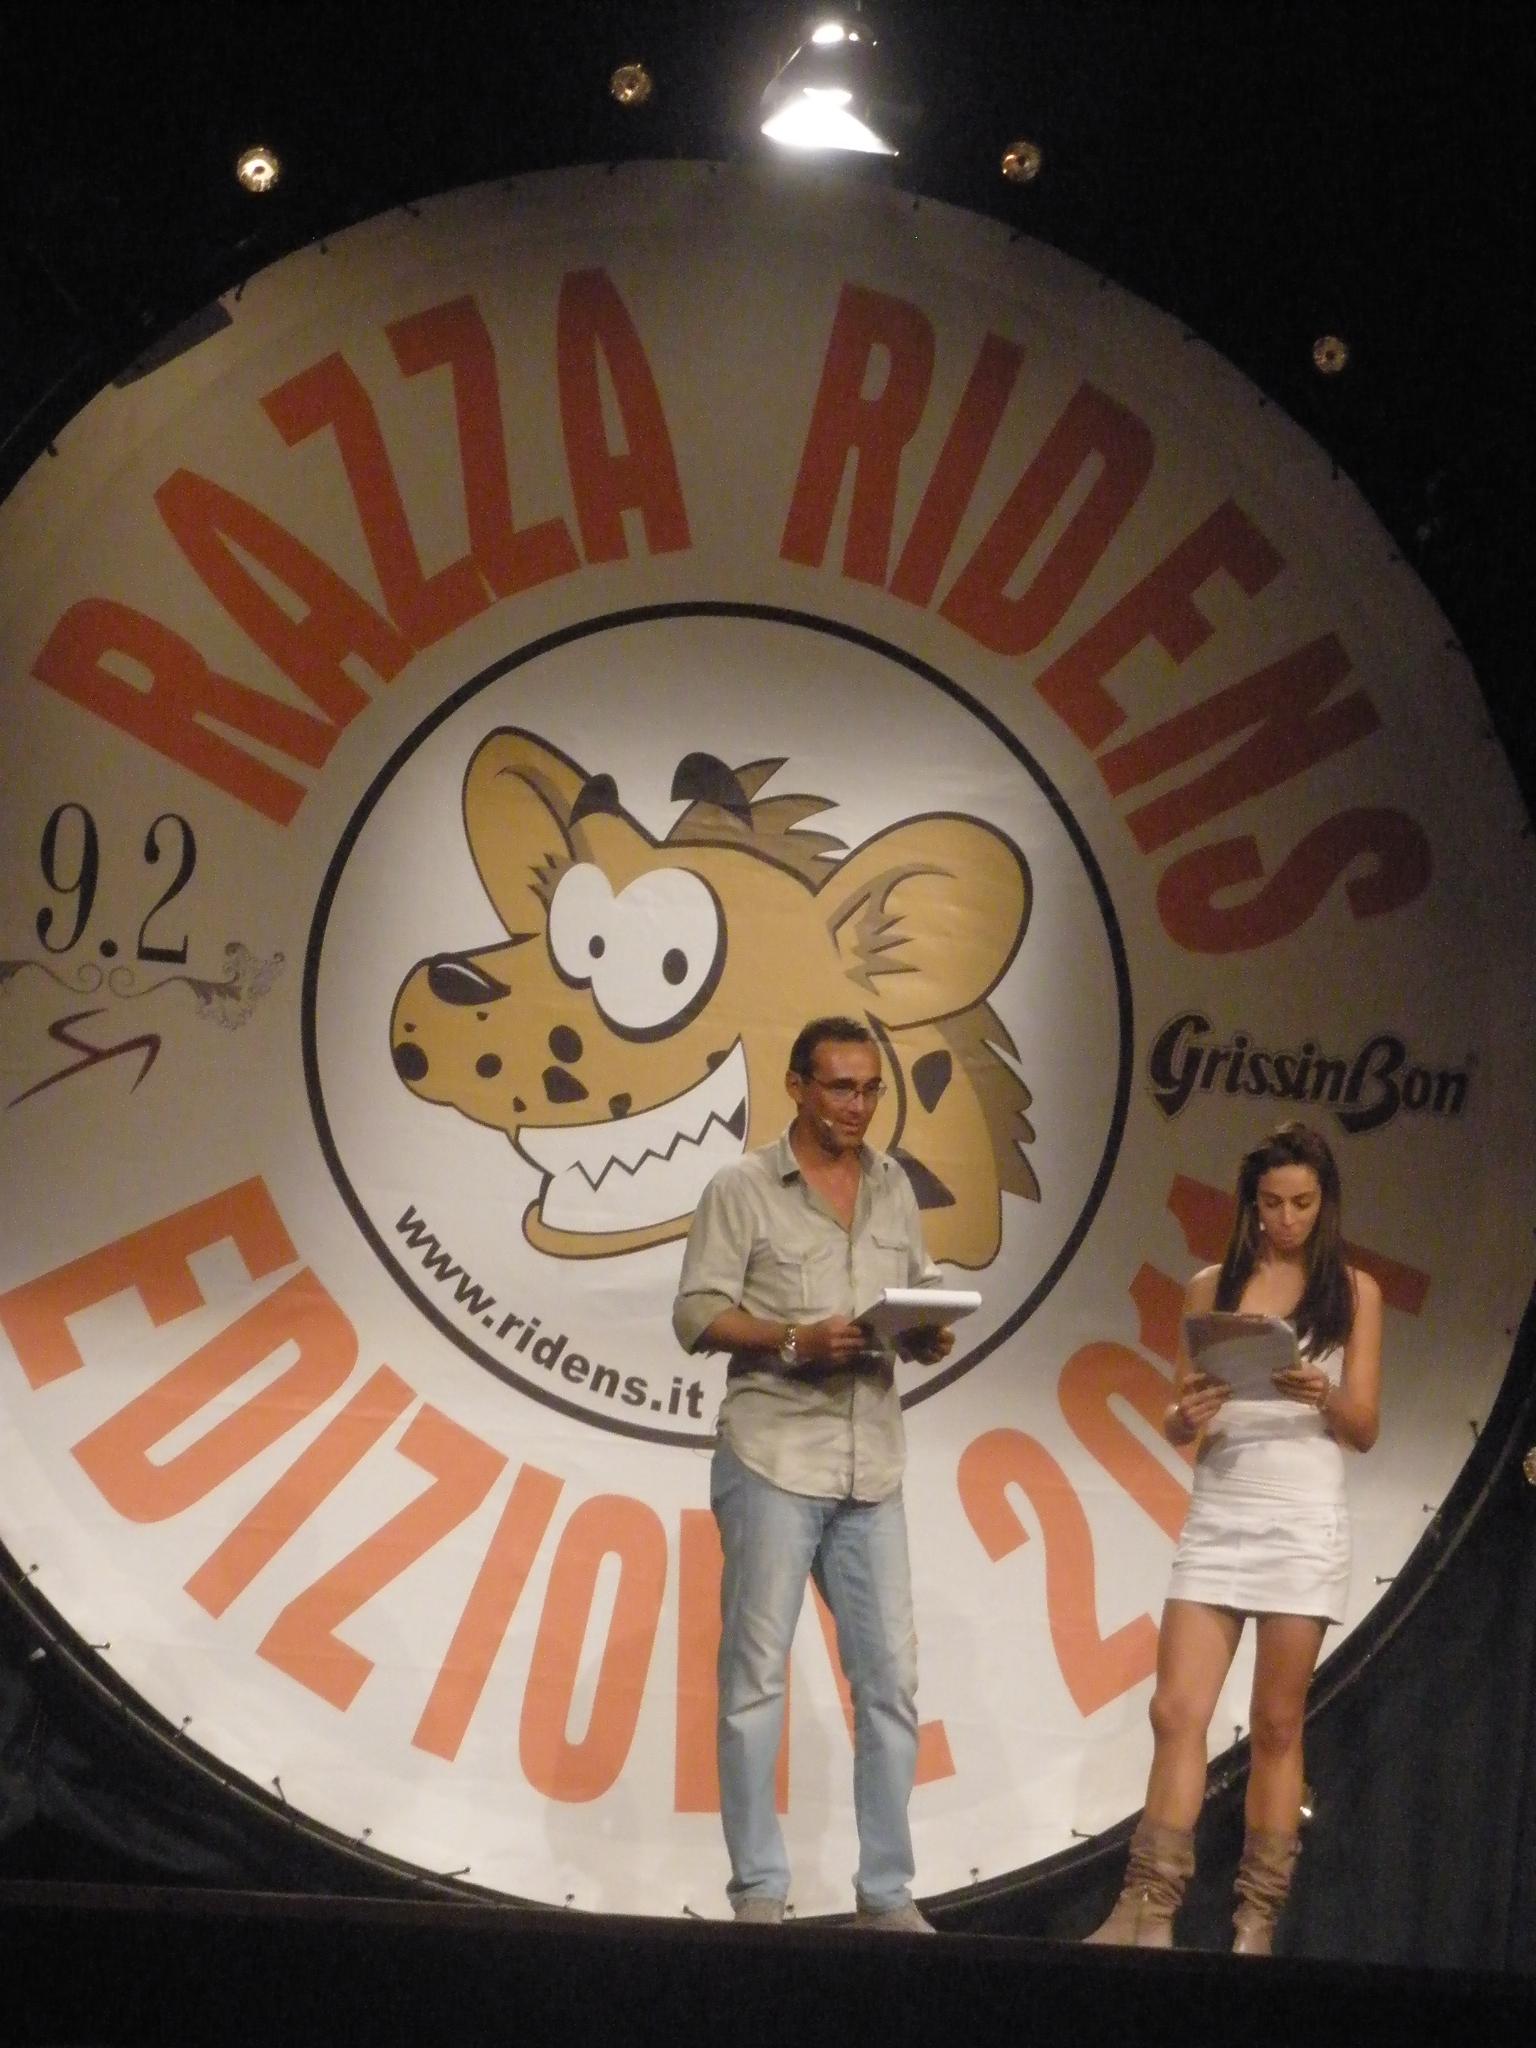 Ridens Management comici,produzioni, organizzazione eventi